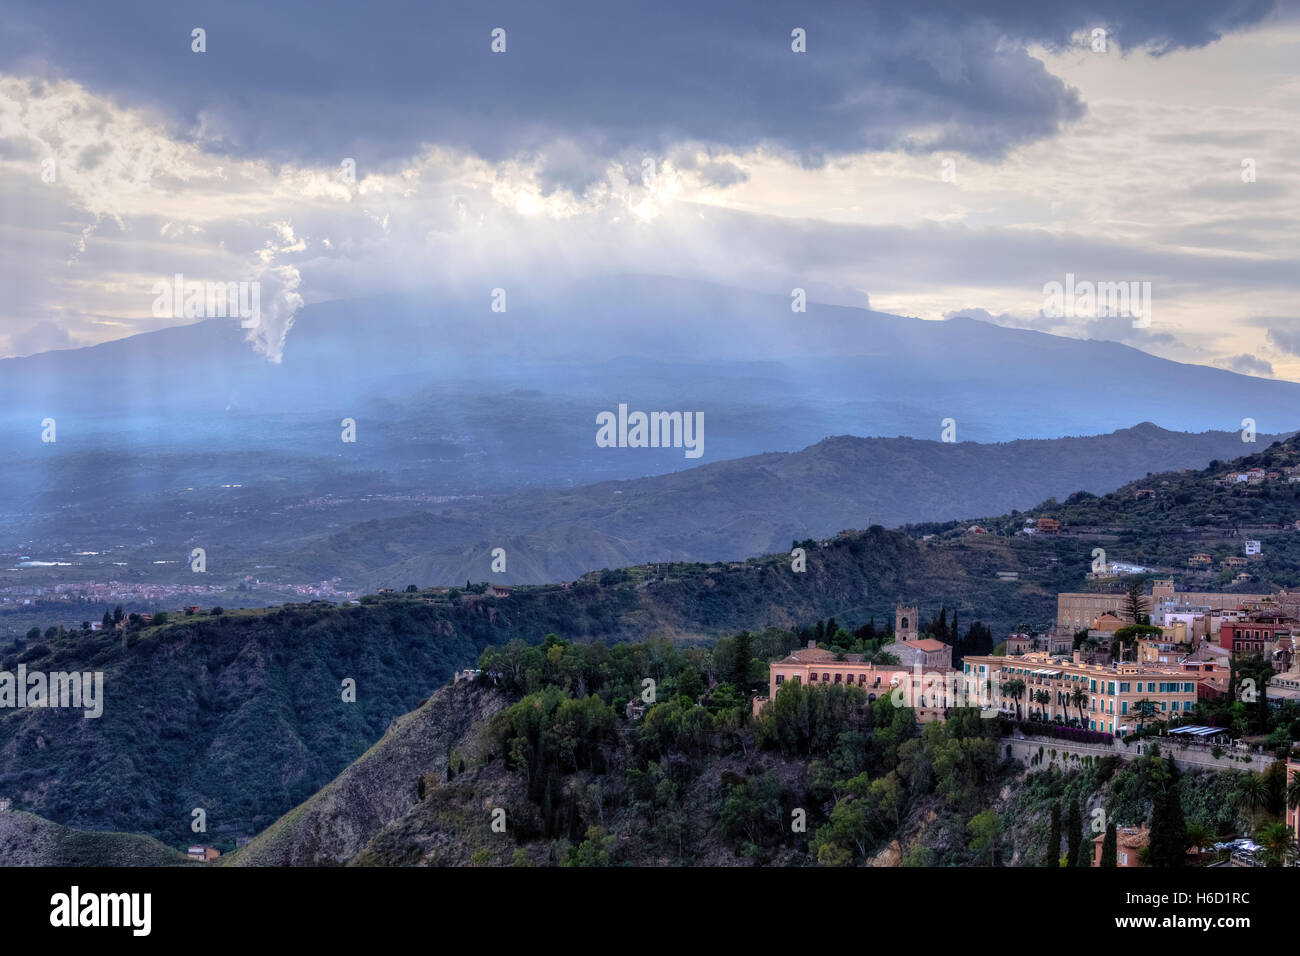 Etna, Taormina, Messina, Sicily, Italy - Stock Image